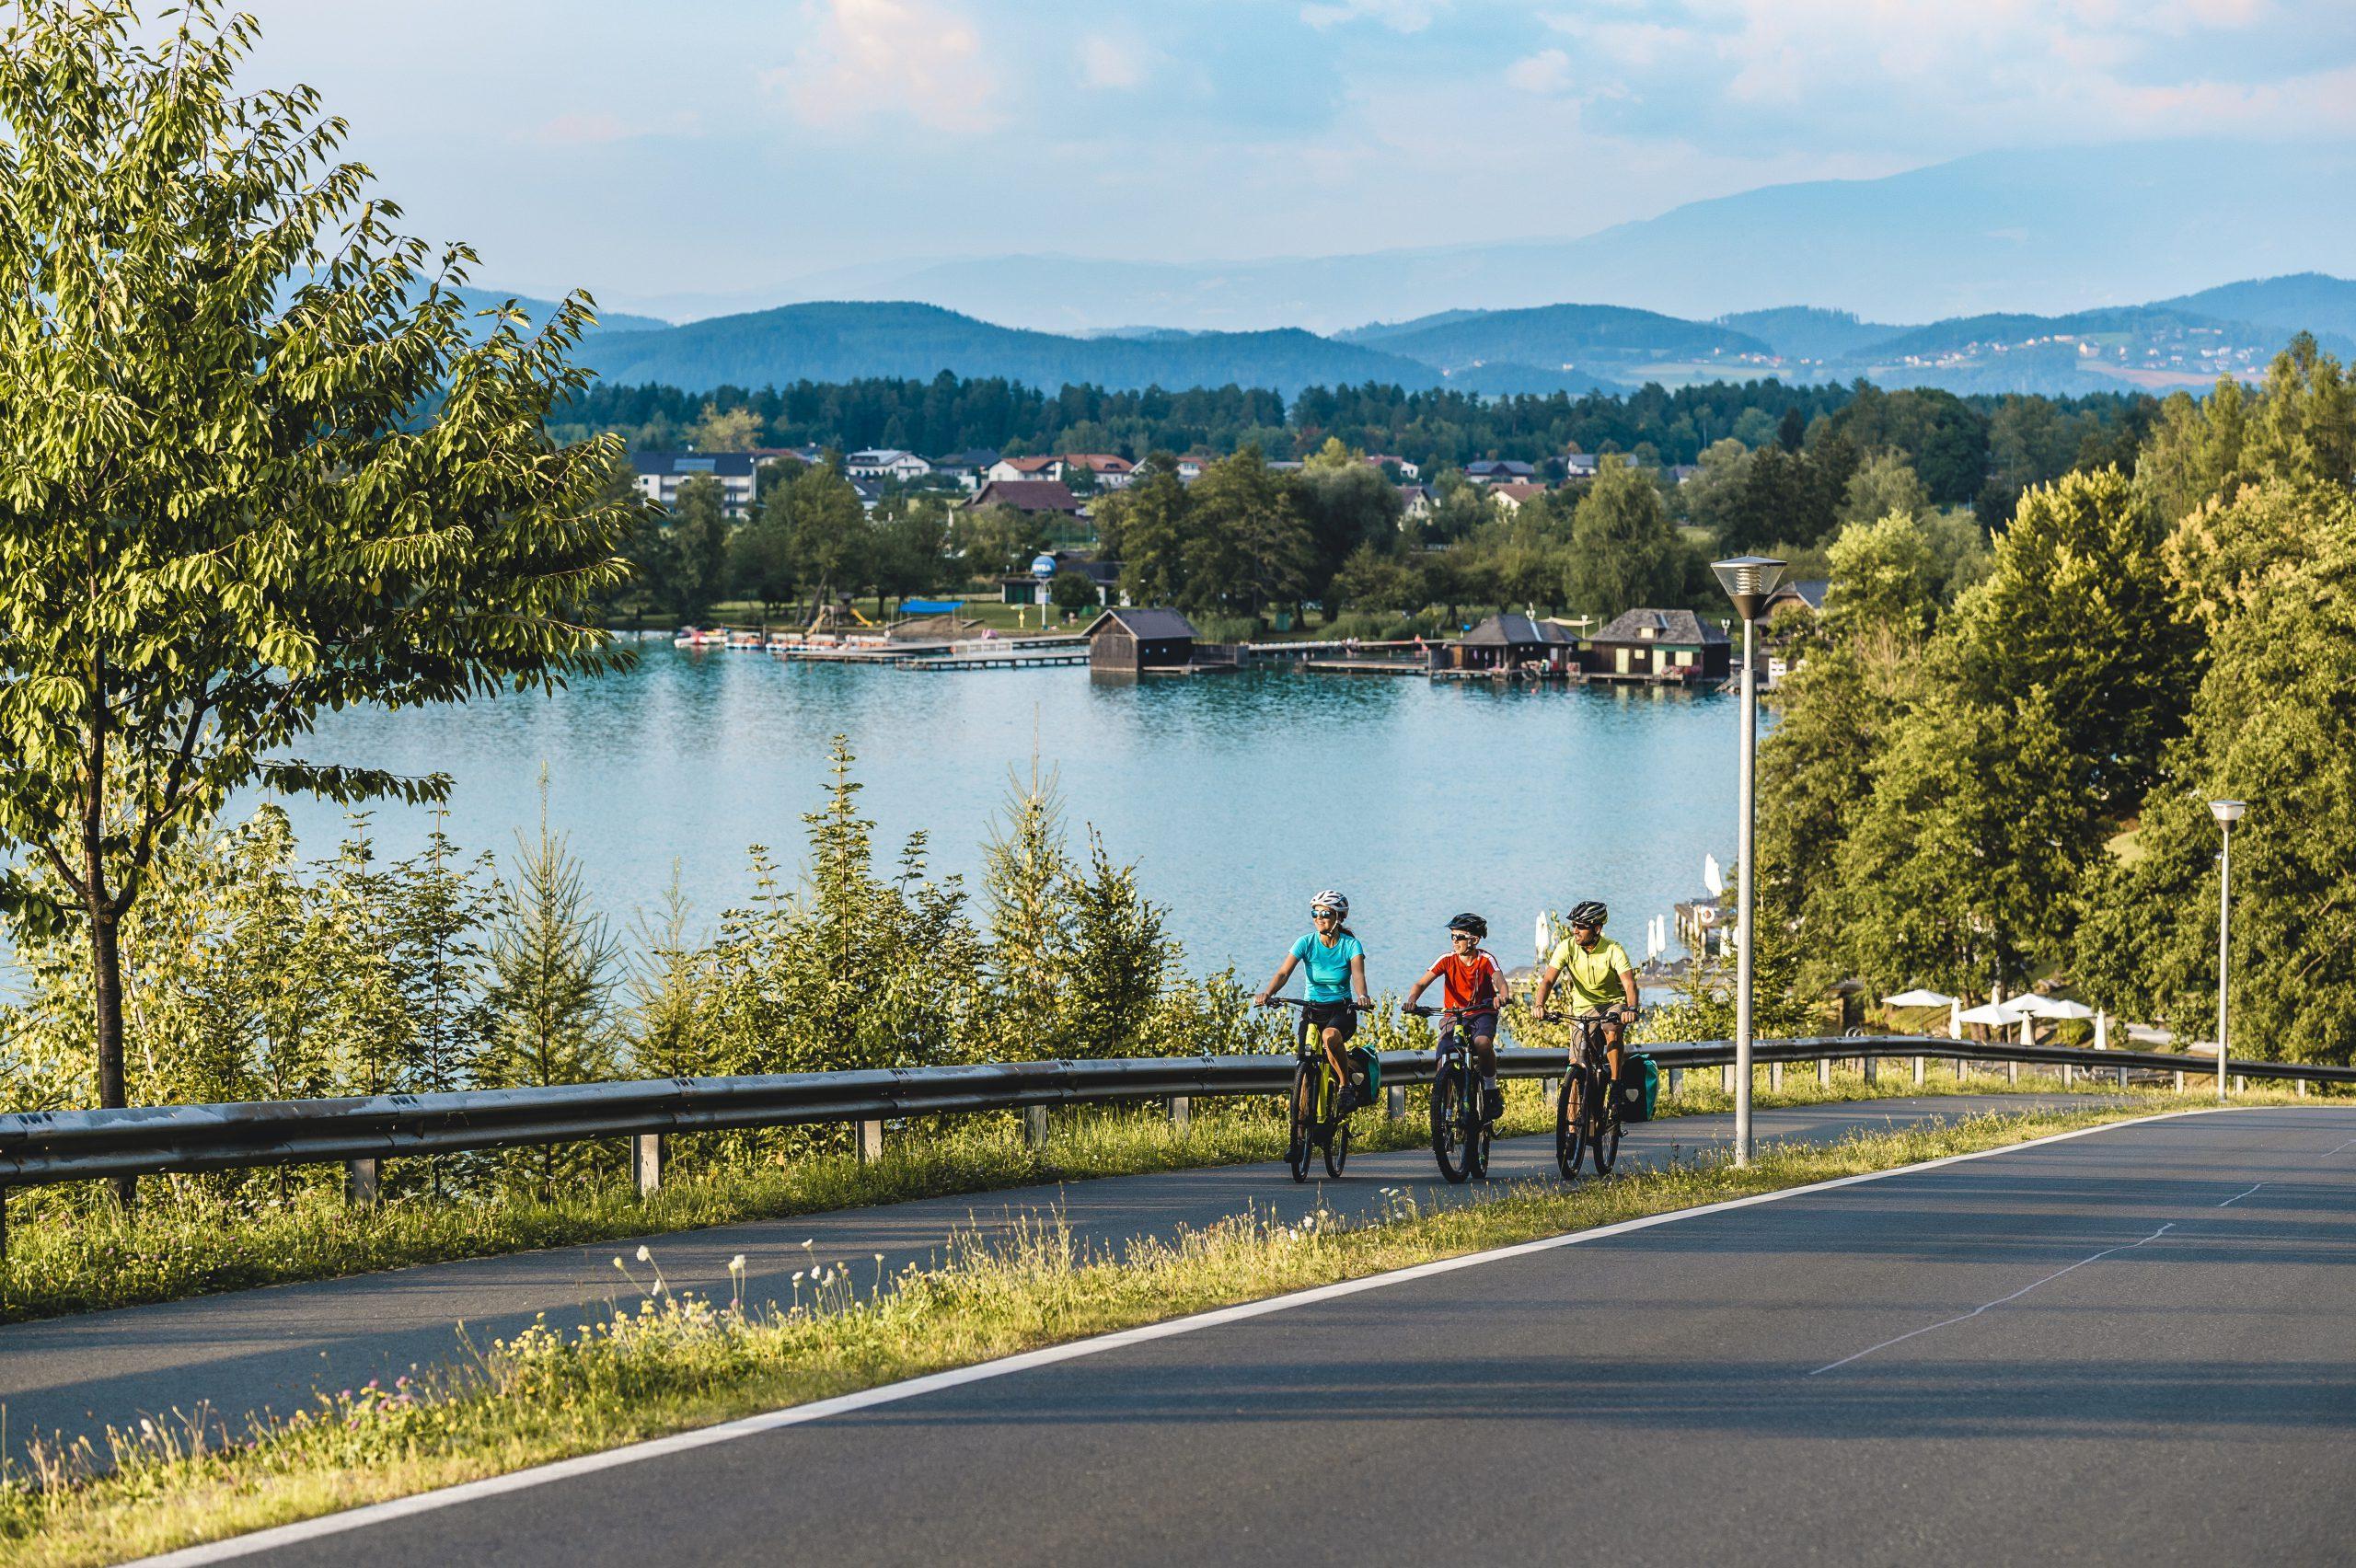 Kerékpárral megkerülve a Klopeiner See-t - öröm a kerékpárosok számára